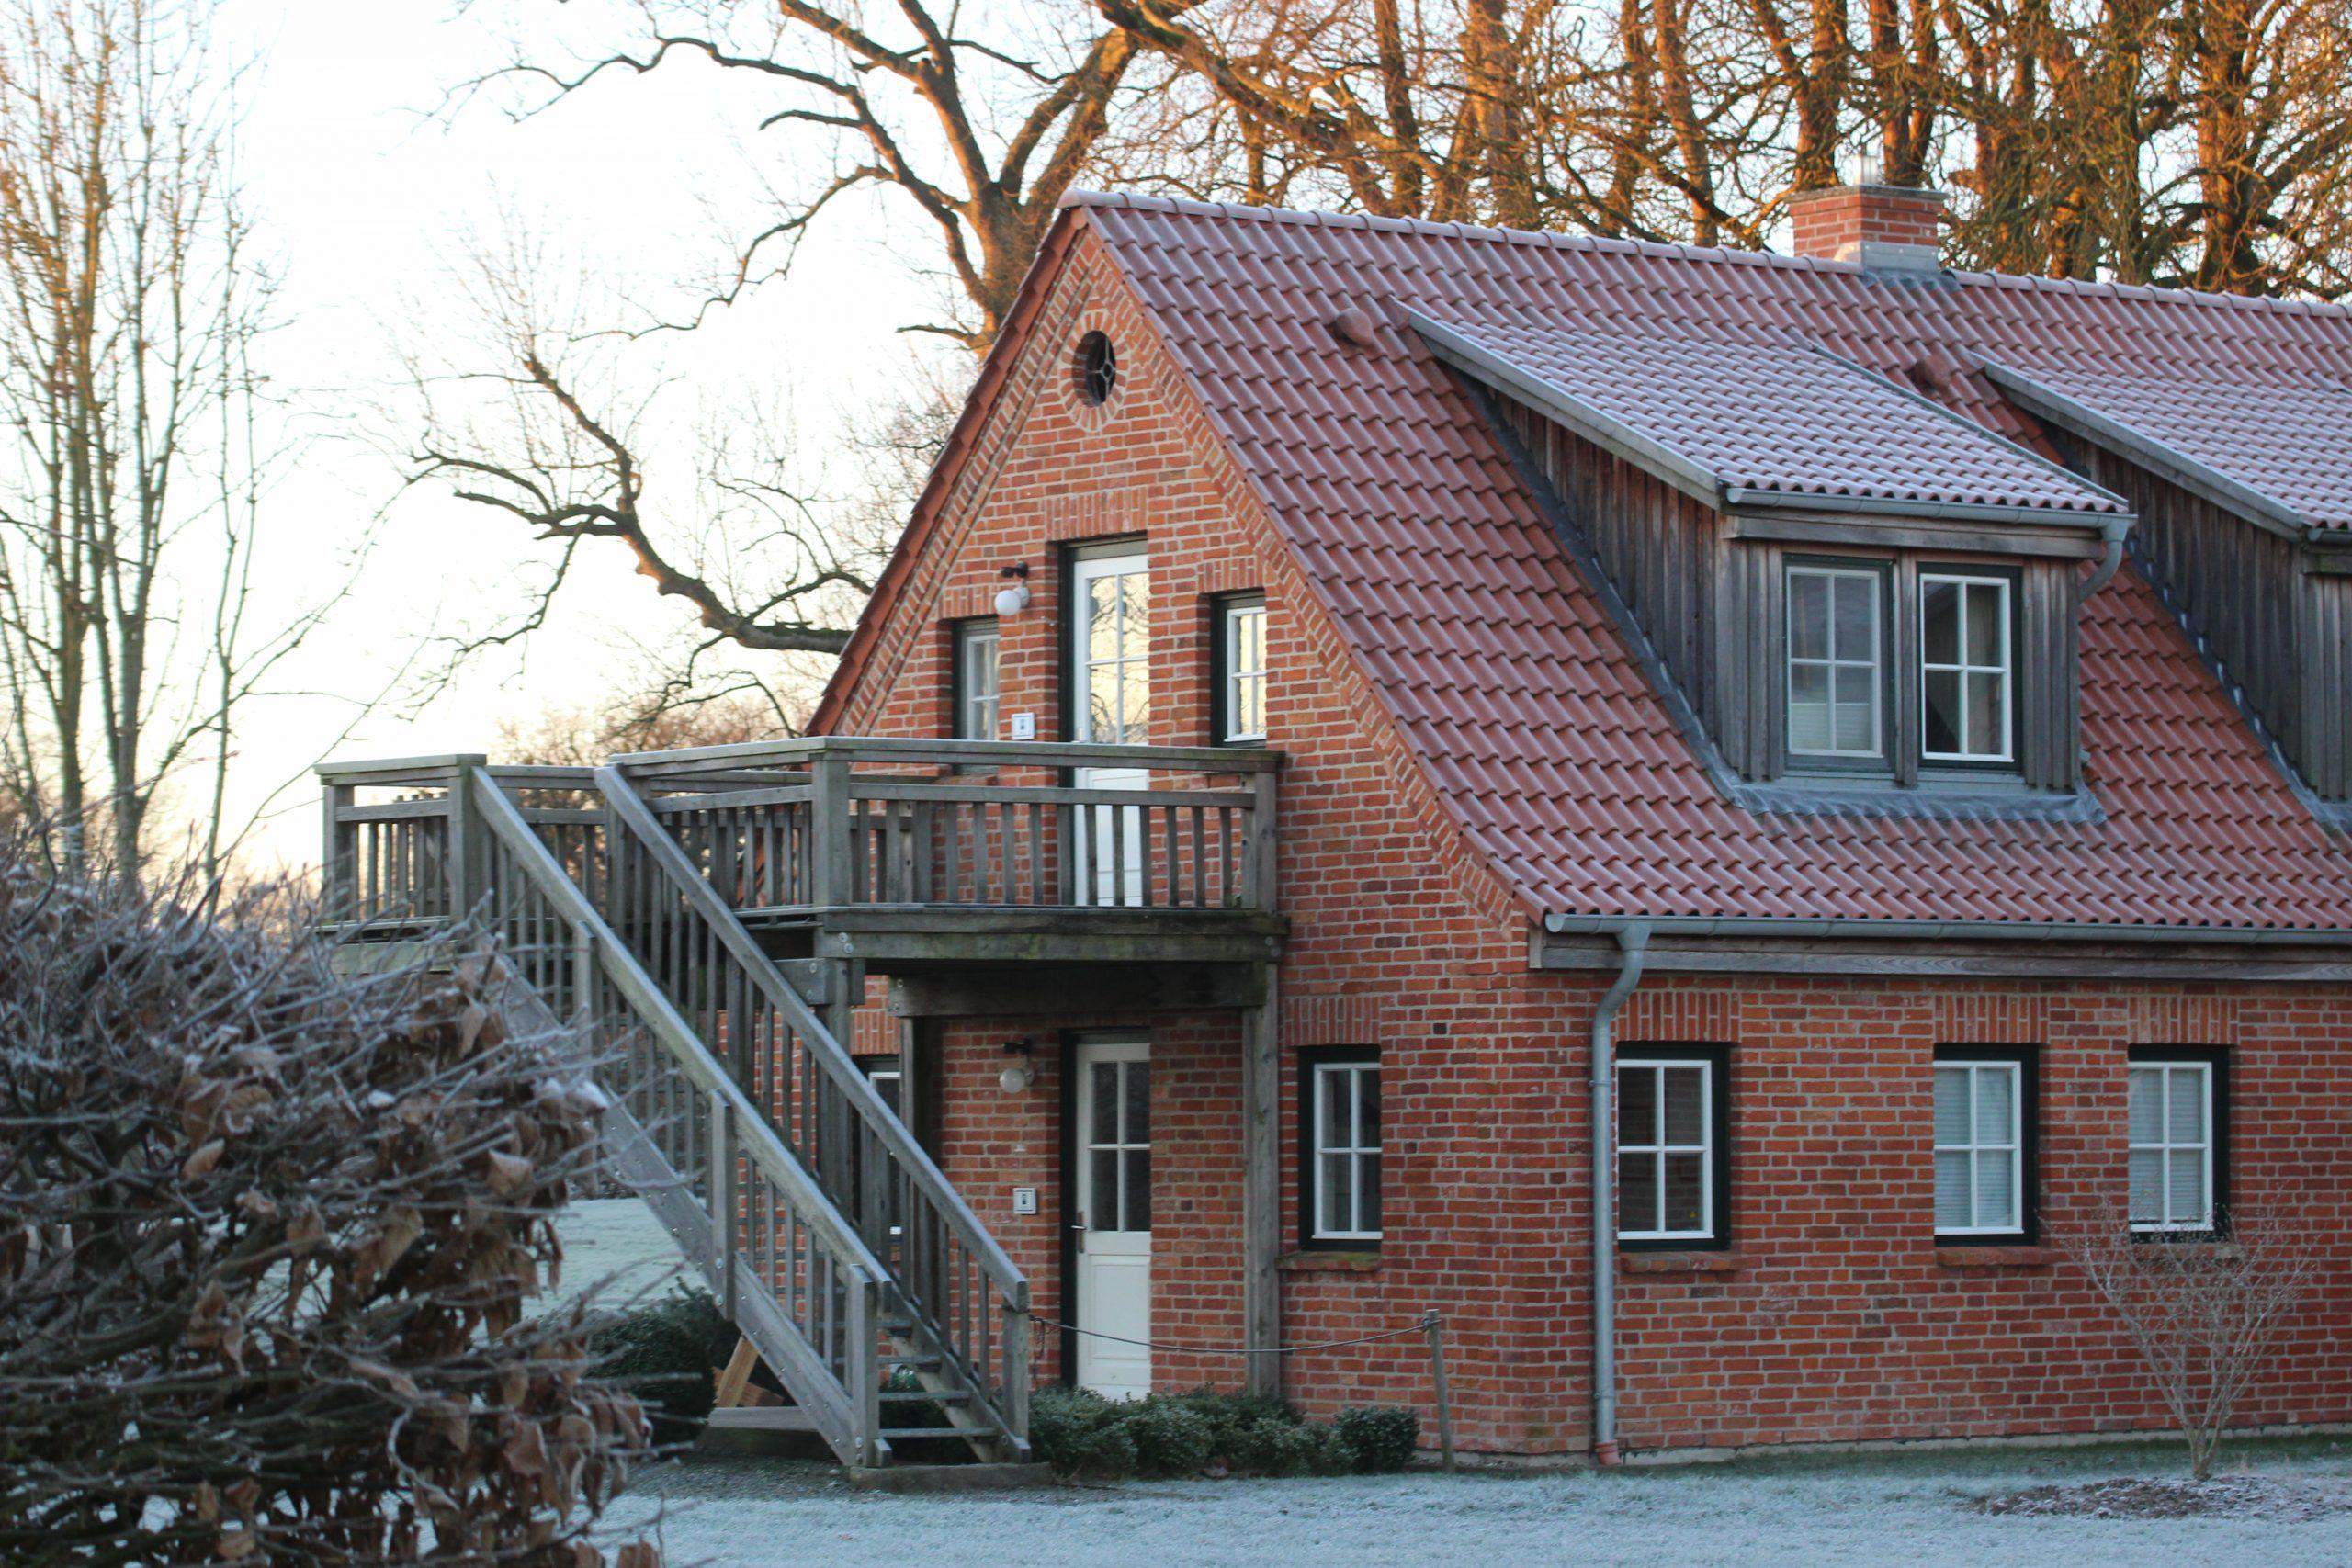 Gut Friederikenhof - die Ferienwohnungen Albrecht Thaer und Friederike